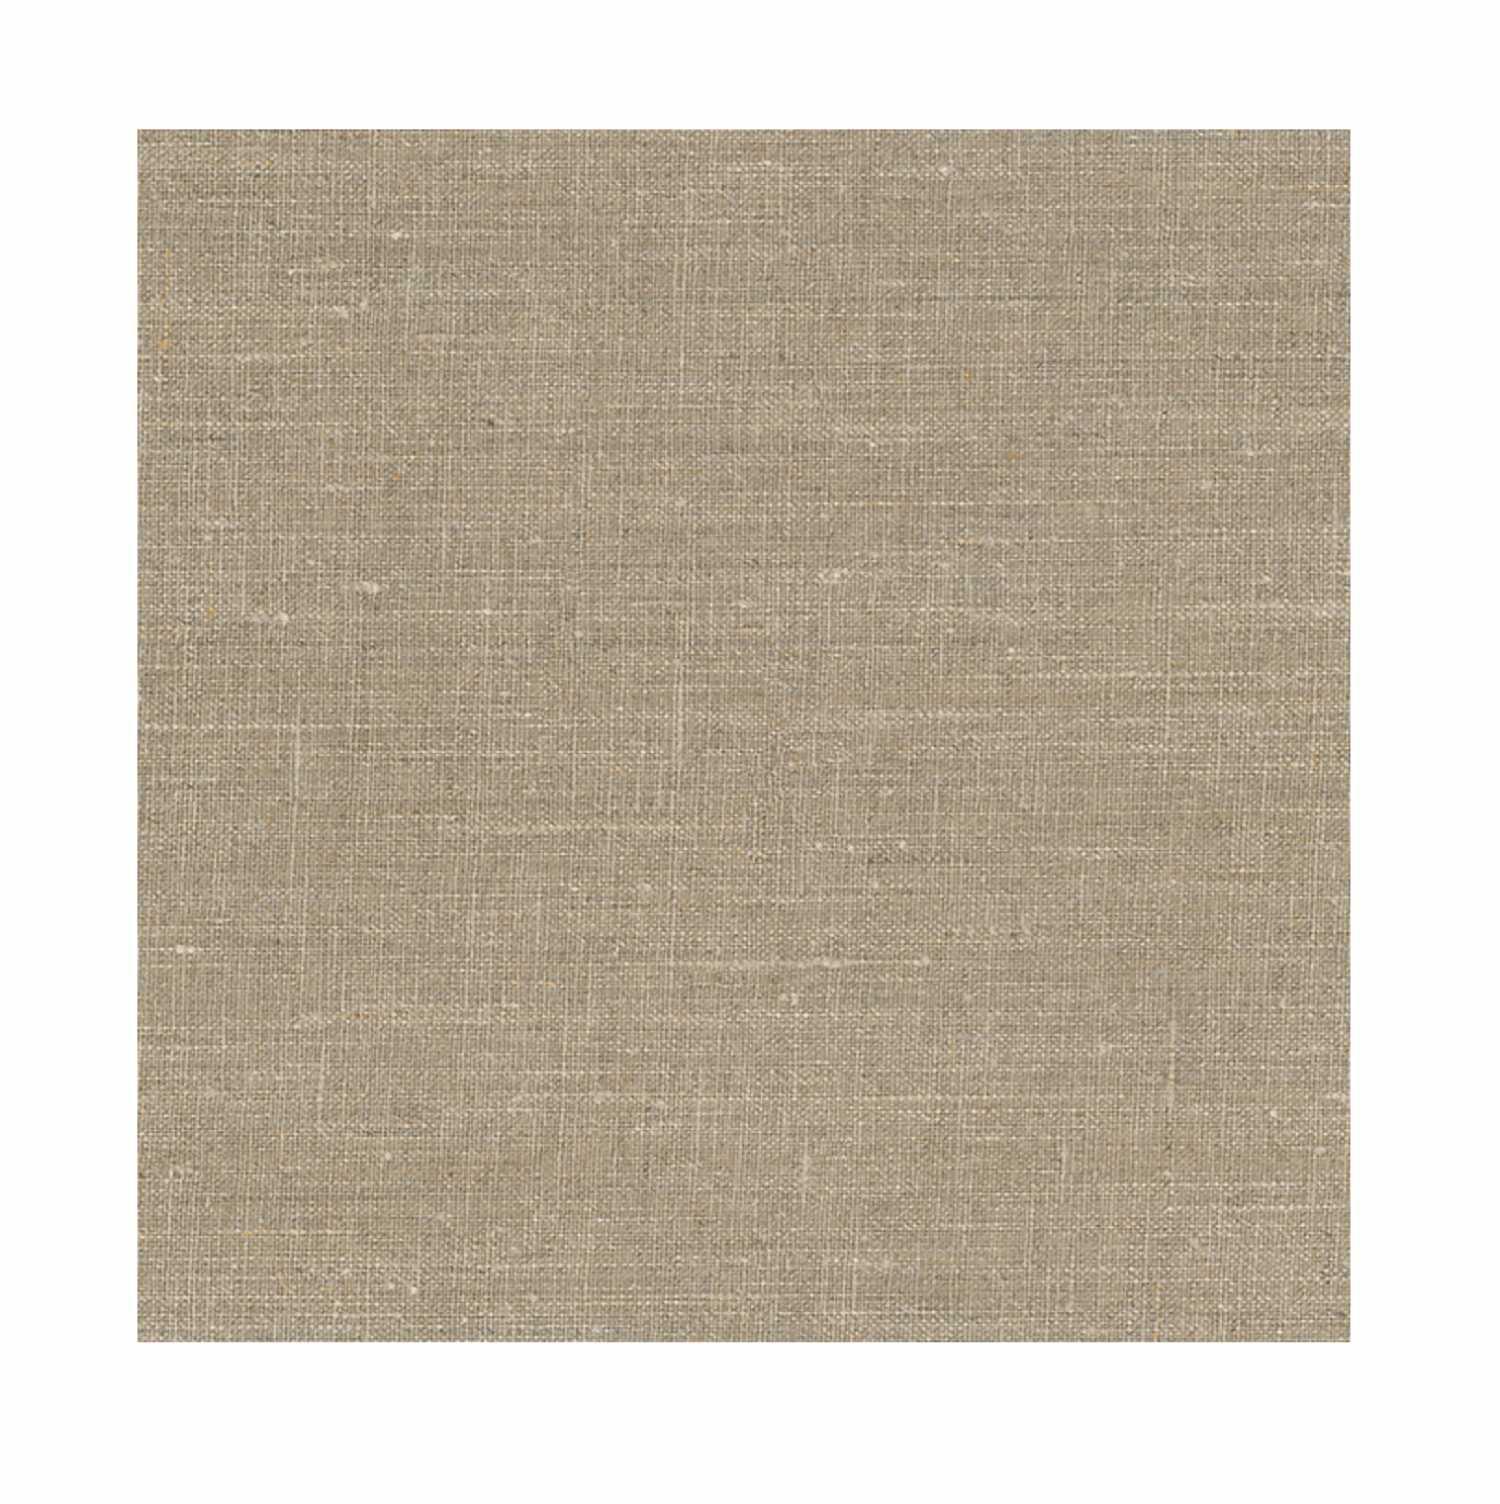 Онлайн каталог PROMENU: Салфетка льняная Aramis NATURAL PURO LINO, 41х41 см, бежевый                                   2251922